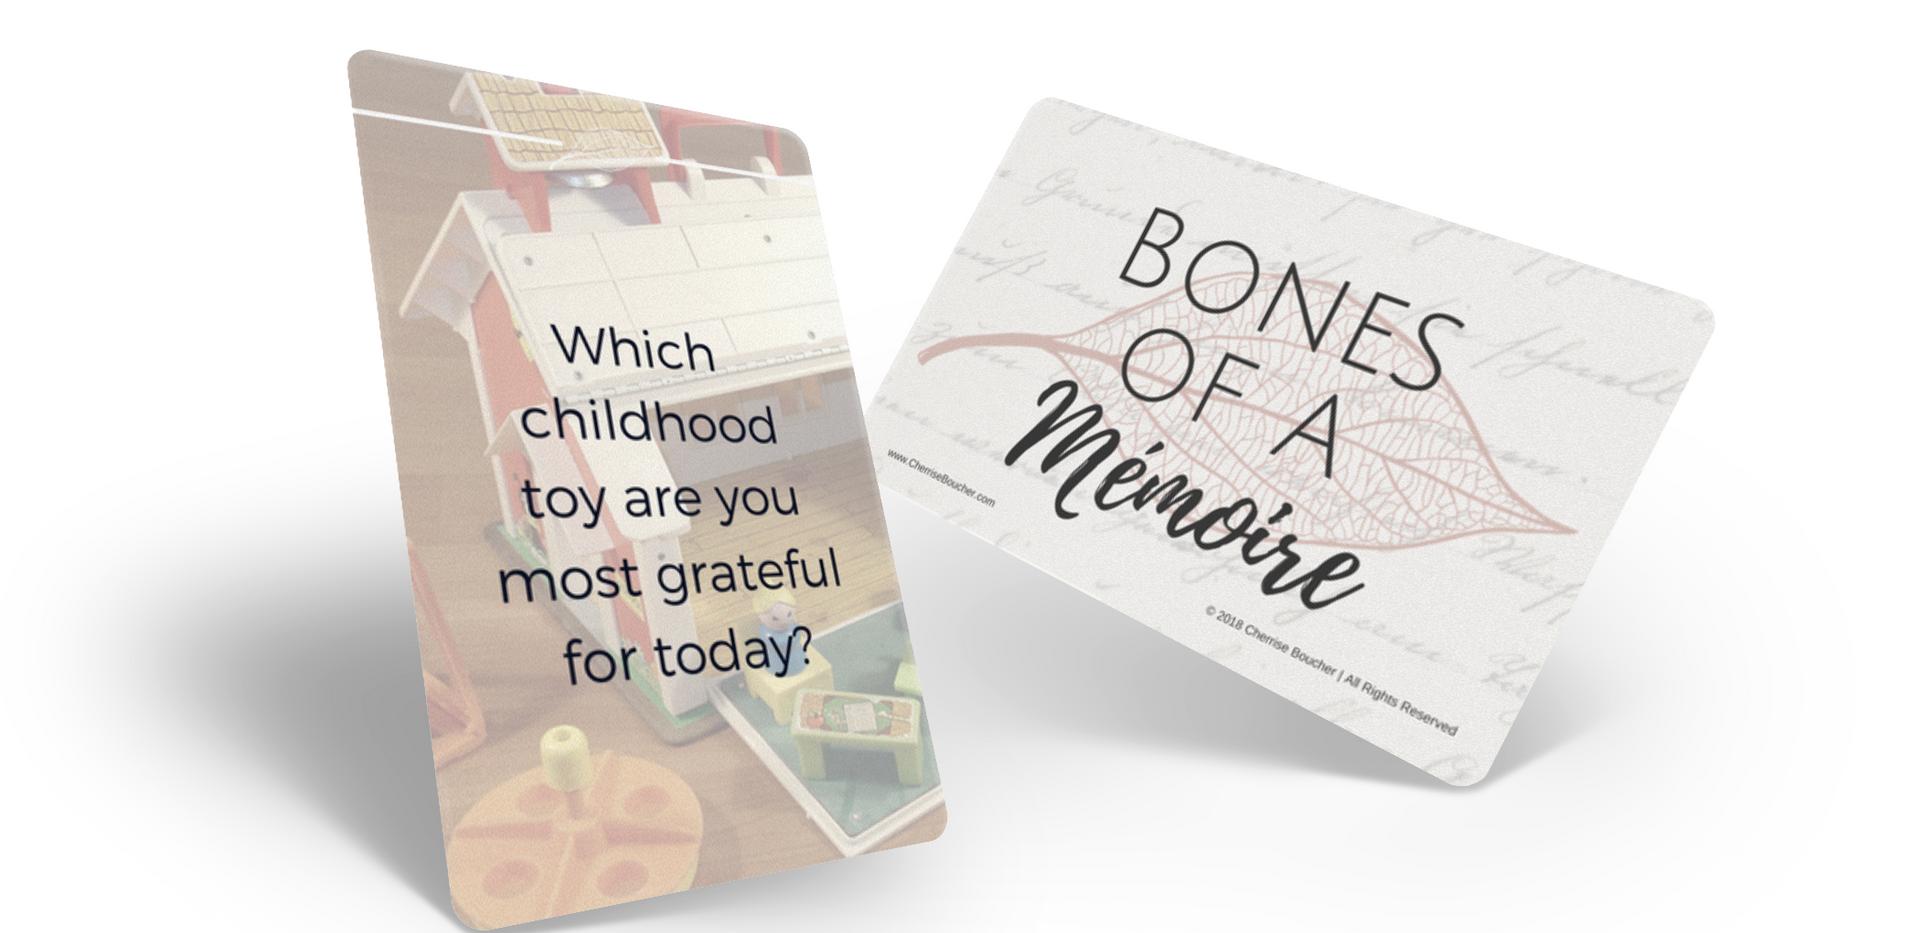 Bones of a Mémoire